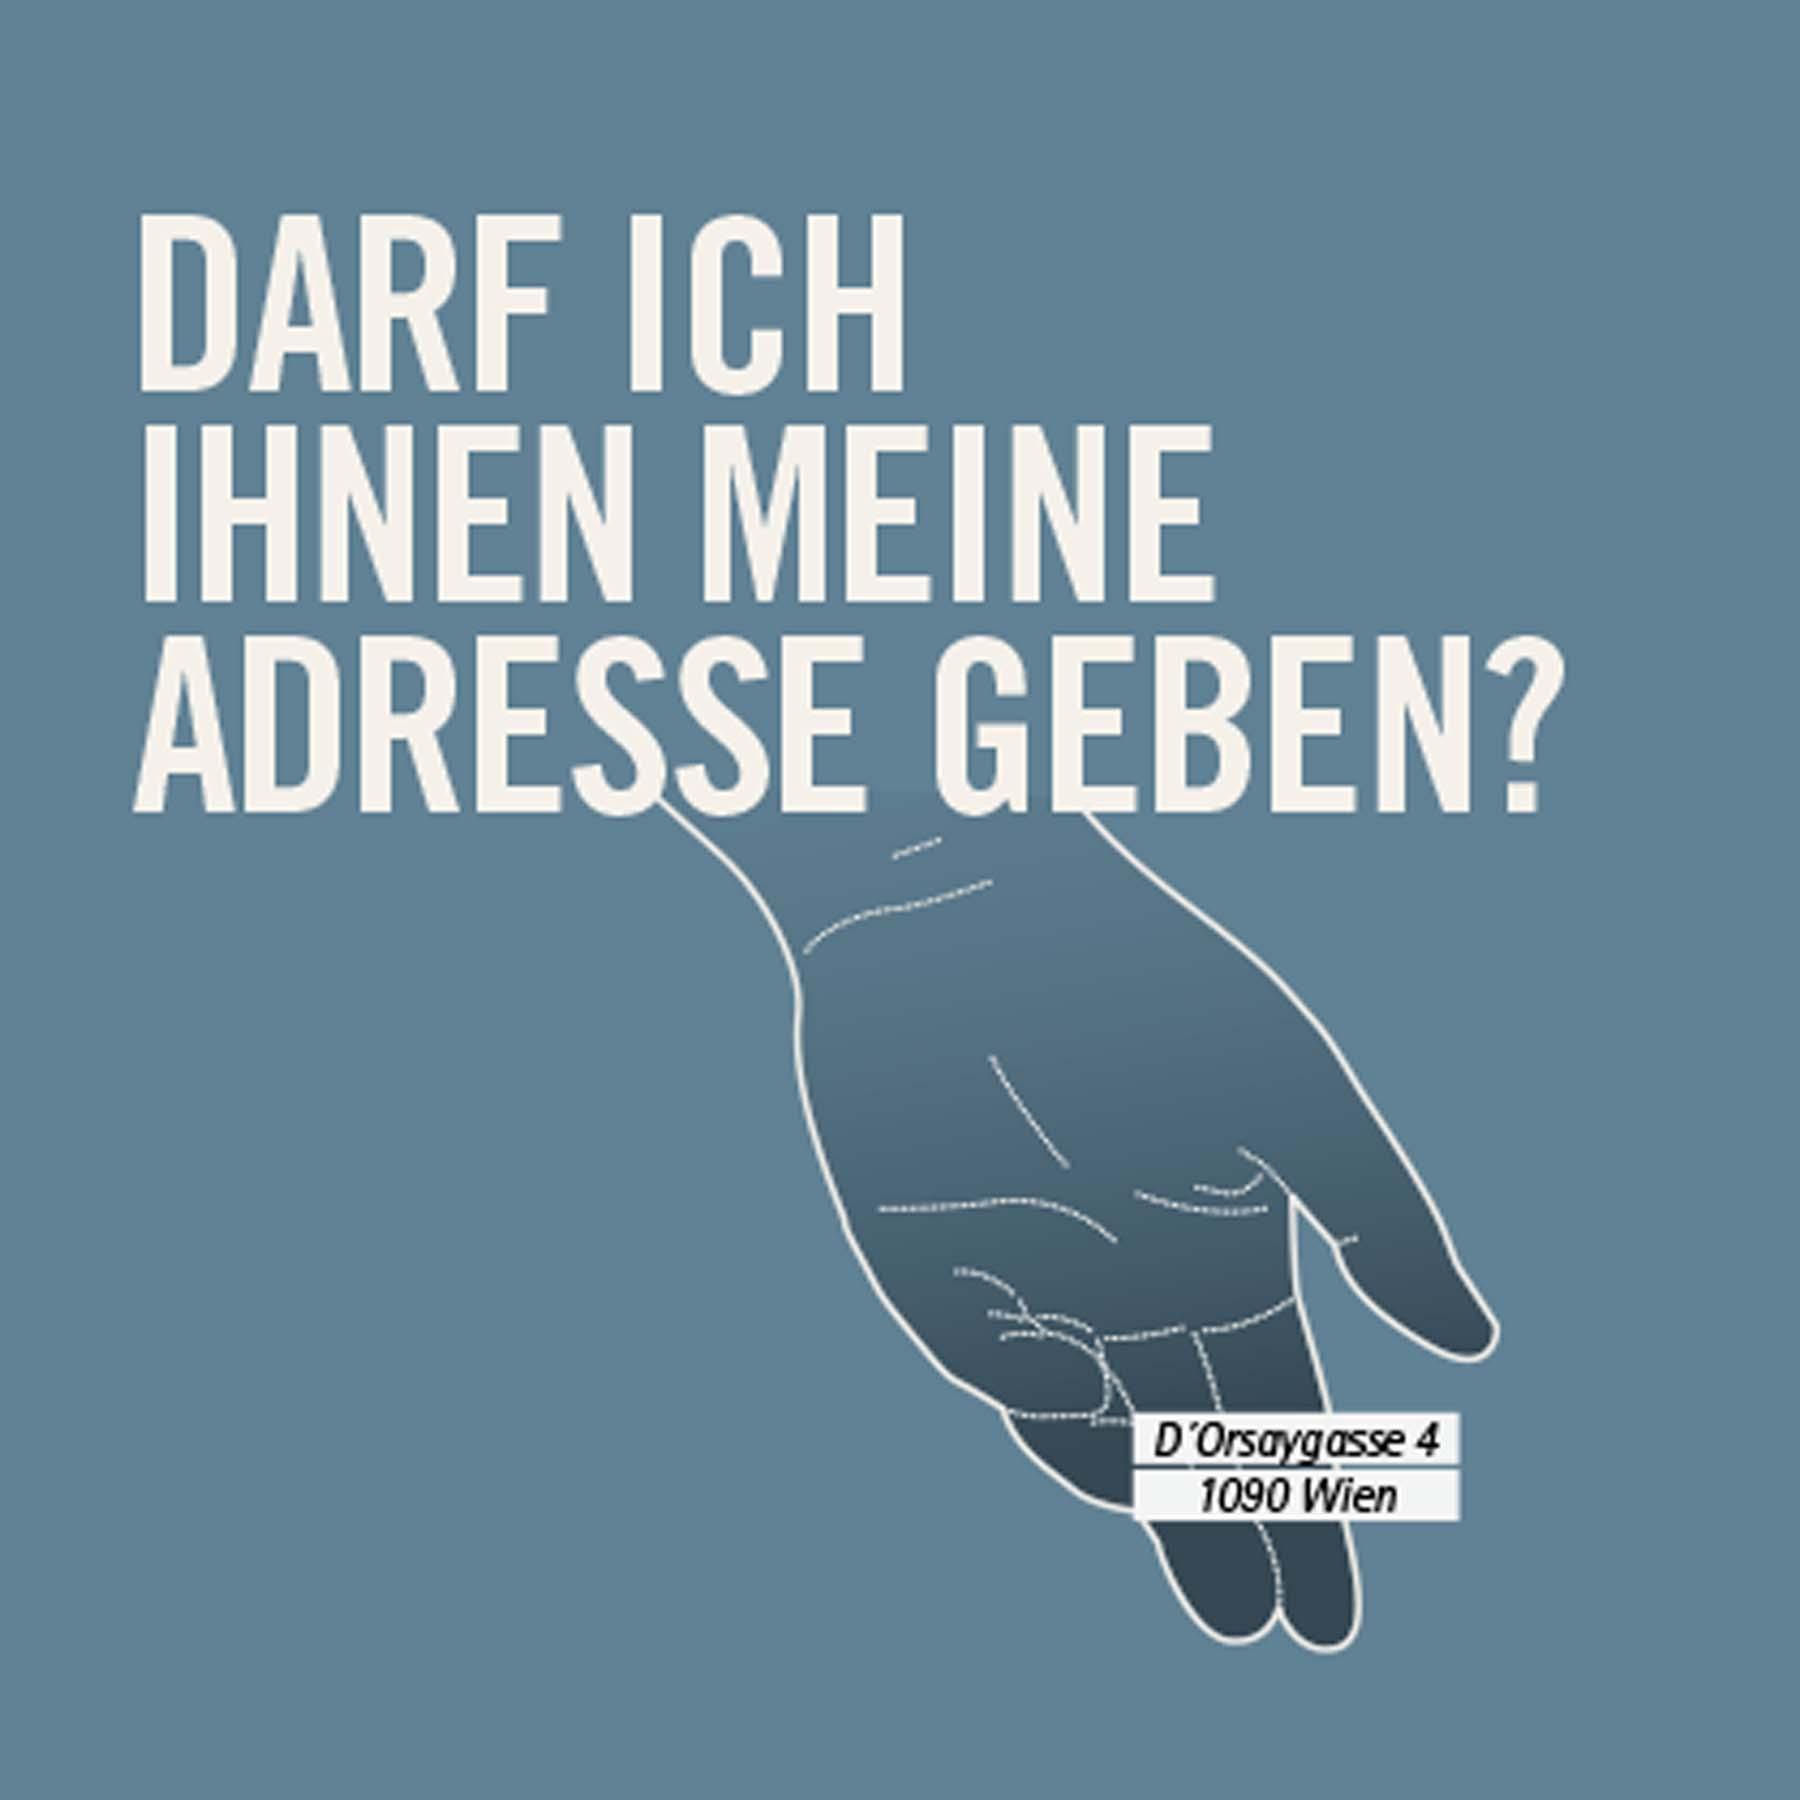 Ig Immo Dorsaygasse Liebe Fin03 Beabreitet